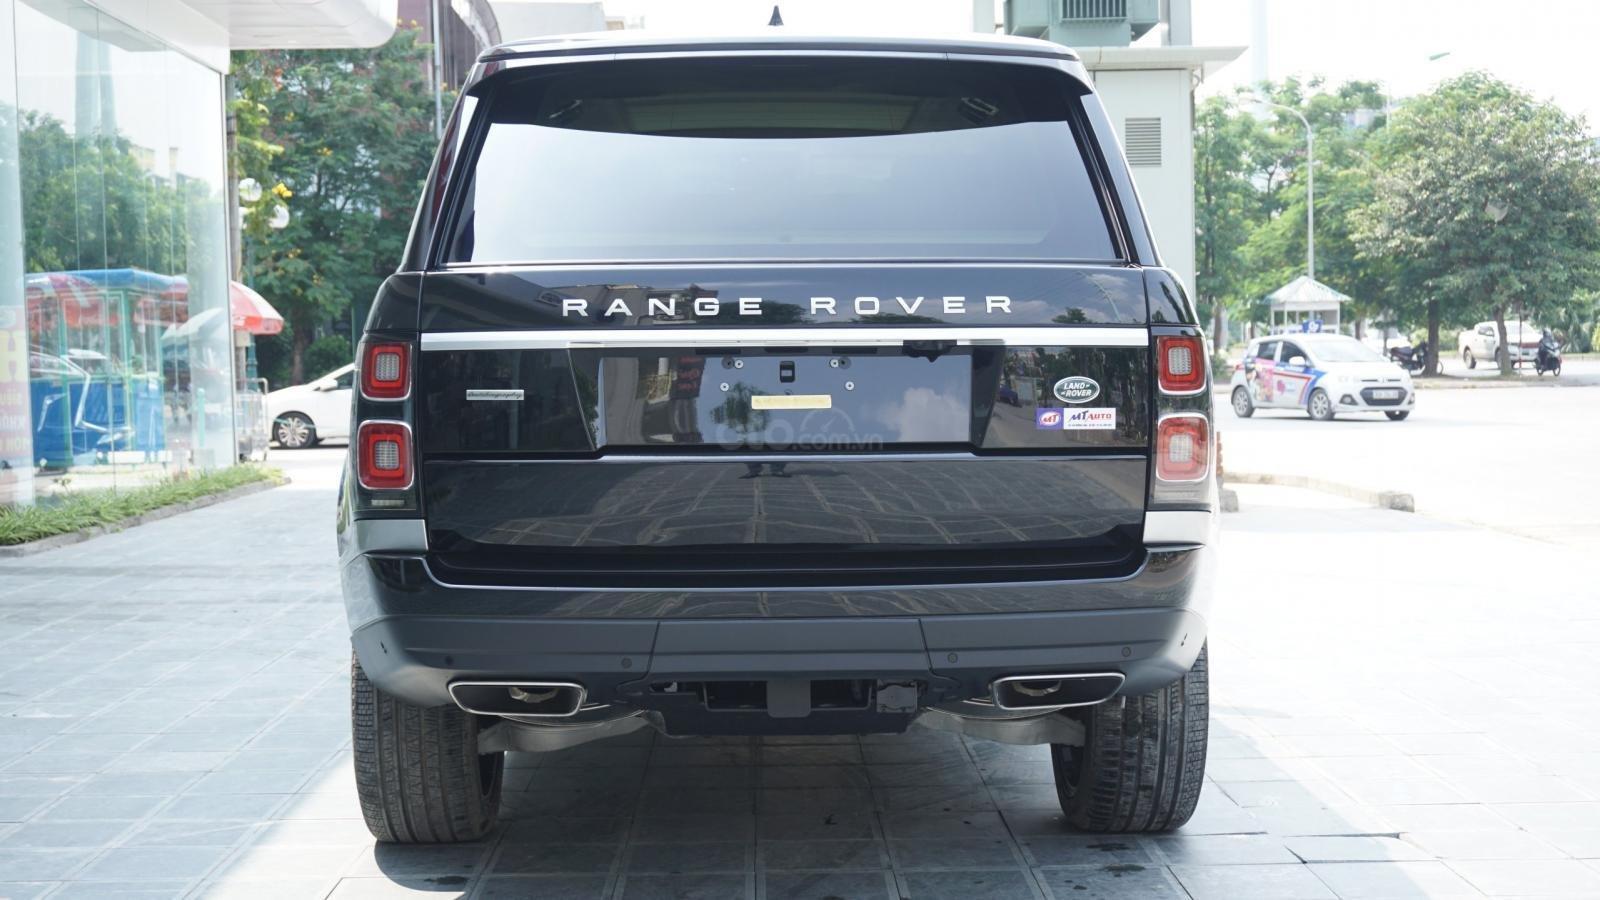 Range Rover Autobiography LWB 2020, Hồ Chí Minh, giá tốt giao xe ngay toàn quốc, LH trực tiếp 0844.177.222 (4)